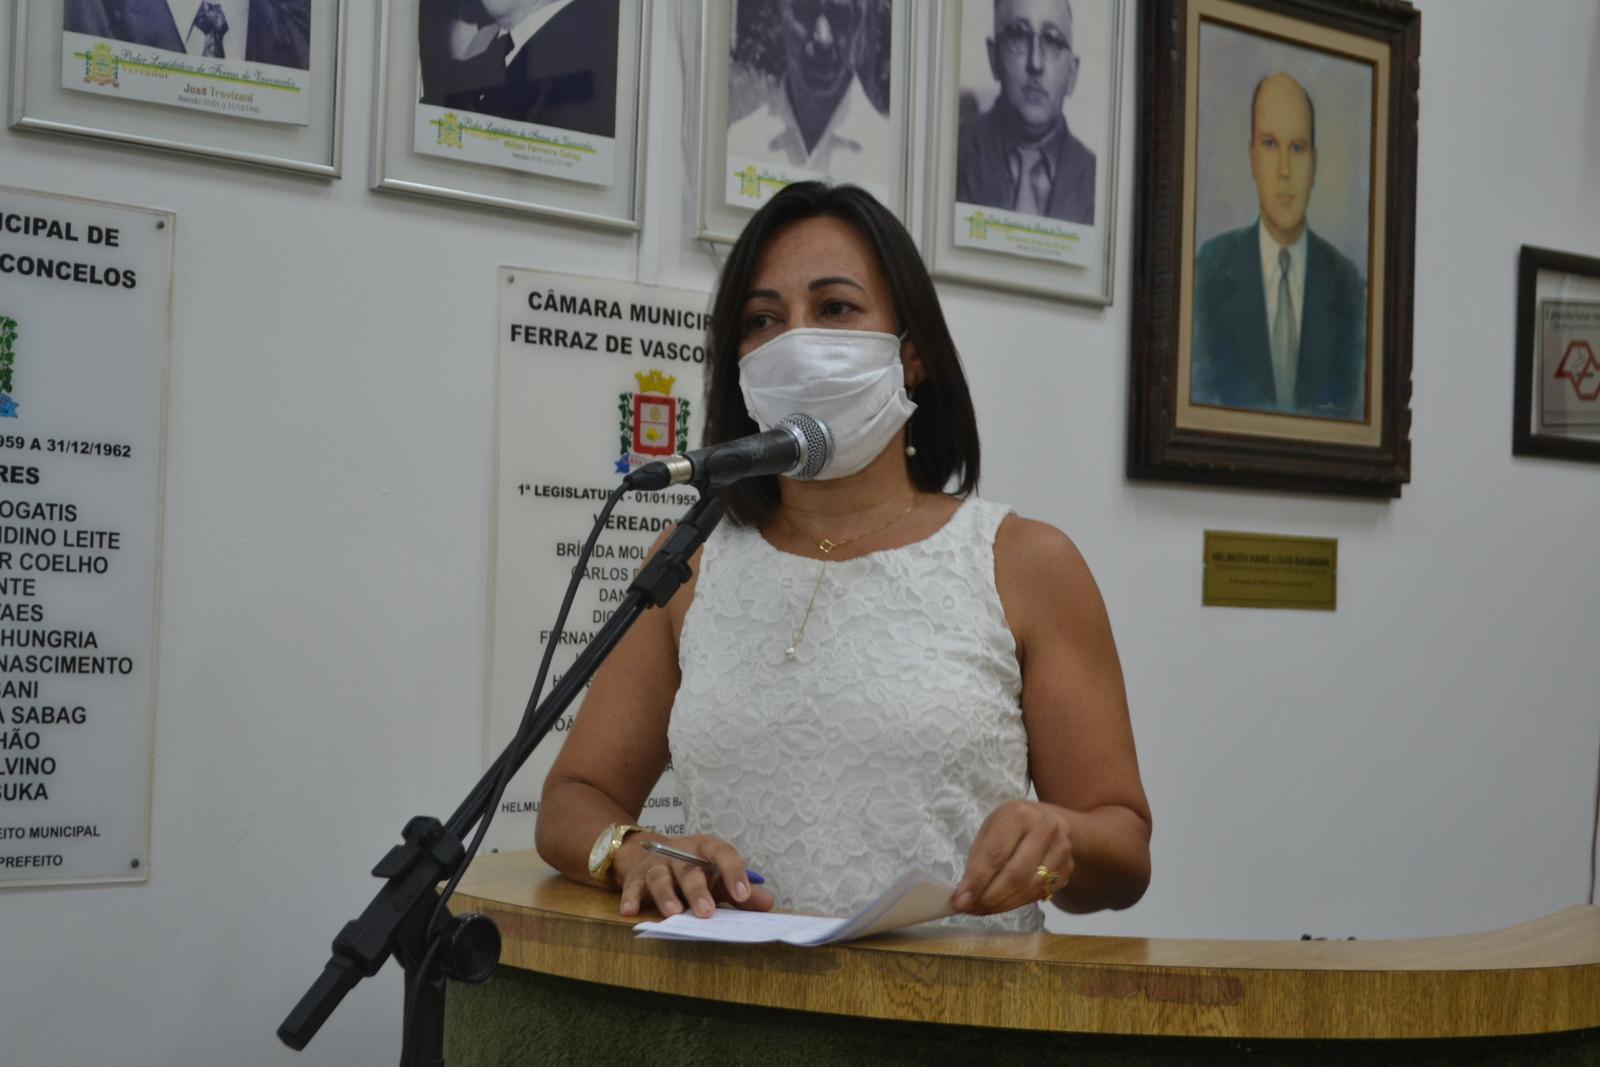 Rose Fitness cita a solidariedade como arma de enfrentamento à pandemia da Covid-19